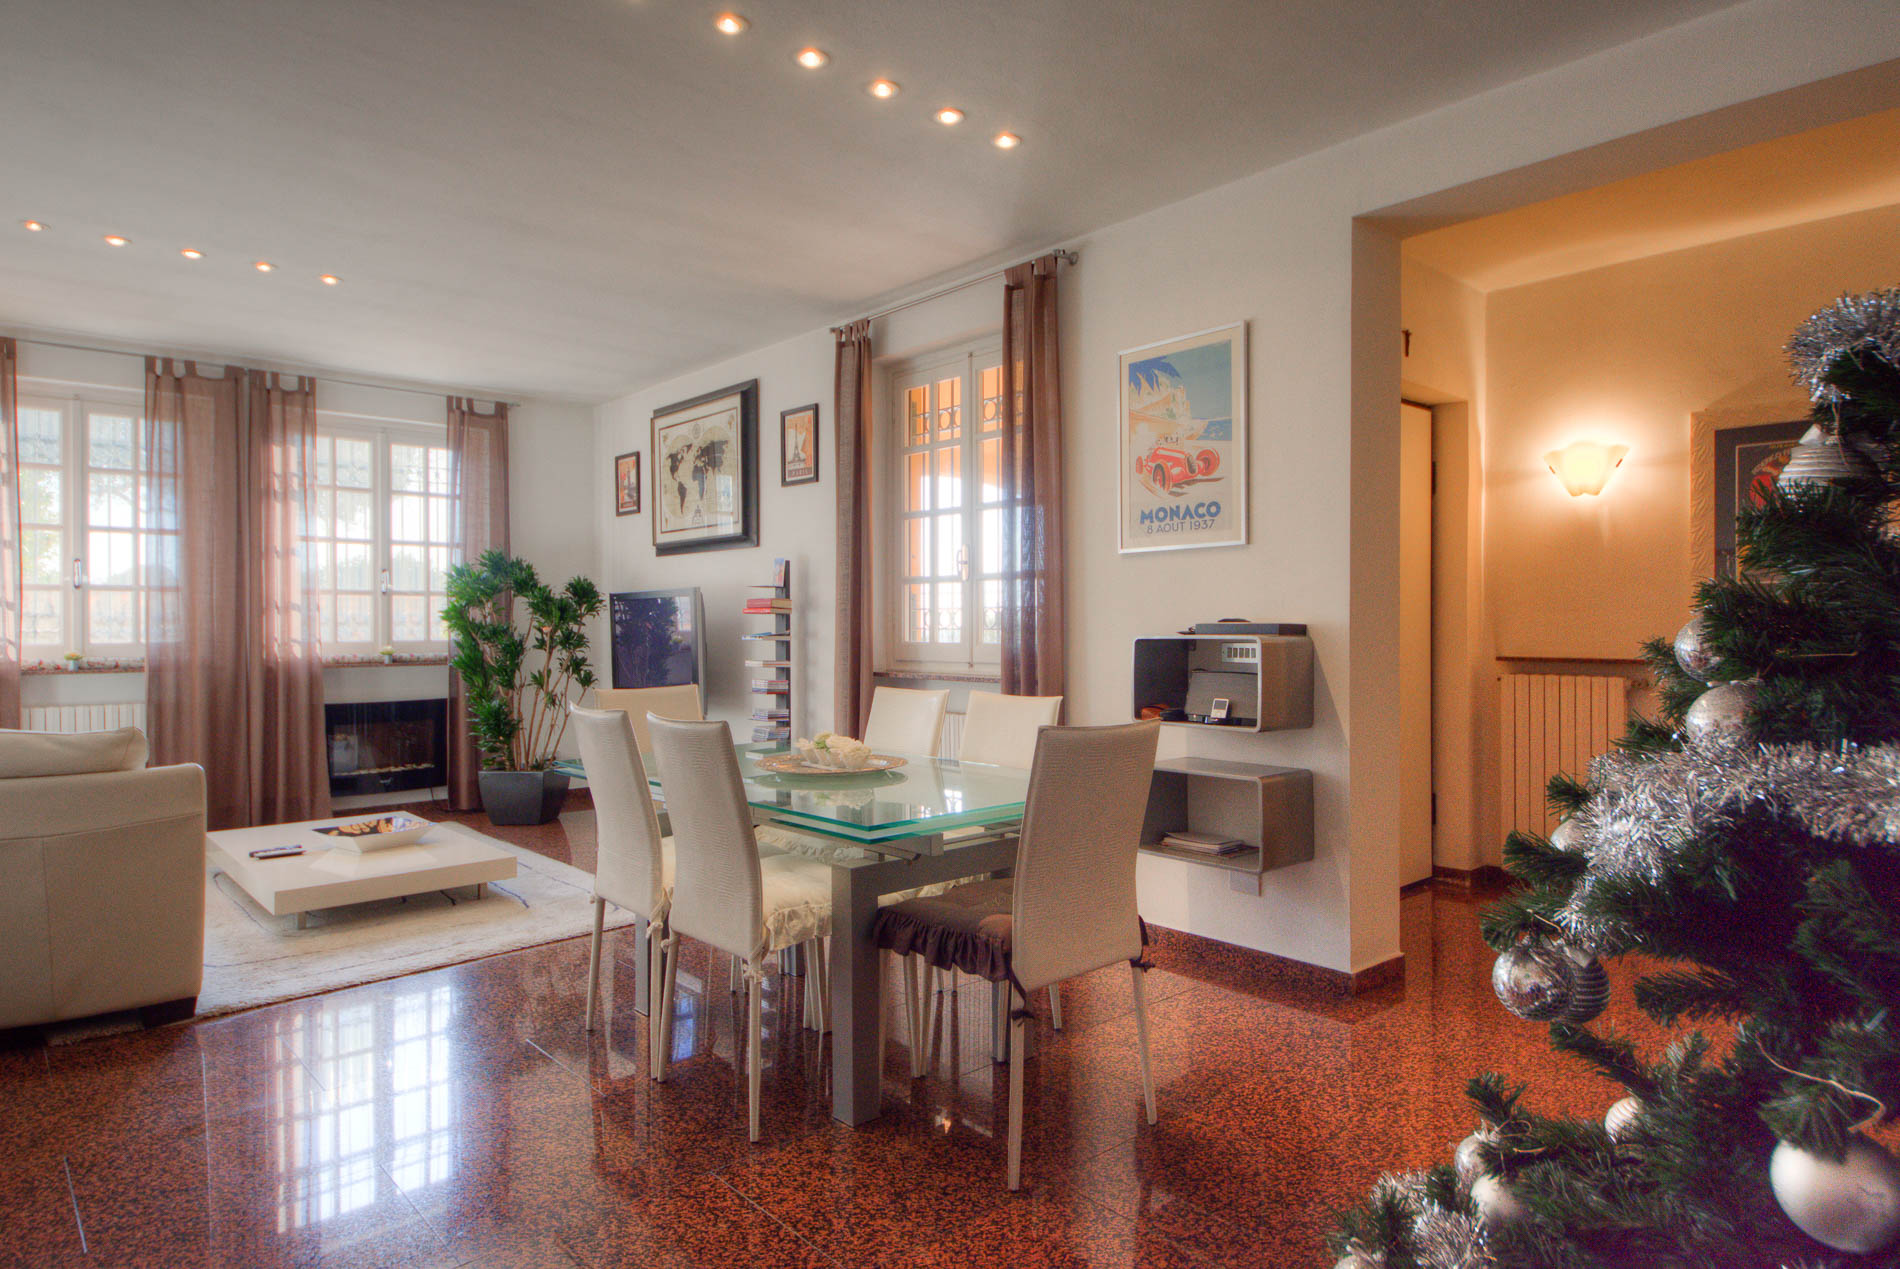 Villa in vendita a Loano, 8 locali, zona Località: BorgoCastello, Trattative riservate | Cambio Casa.it